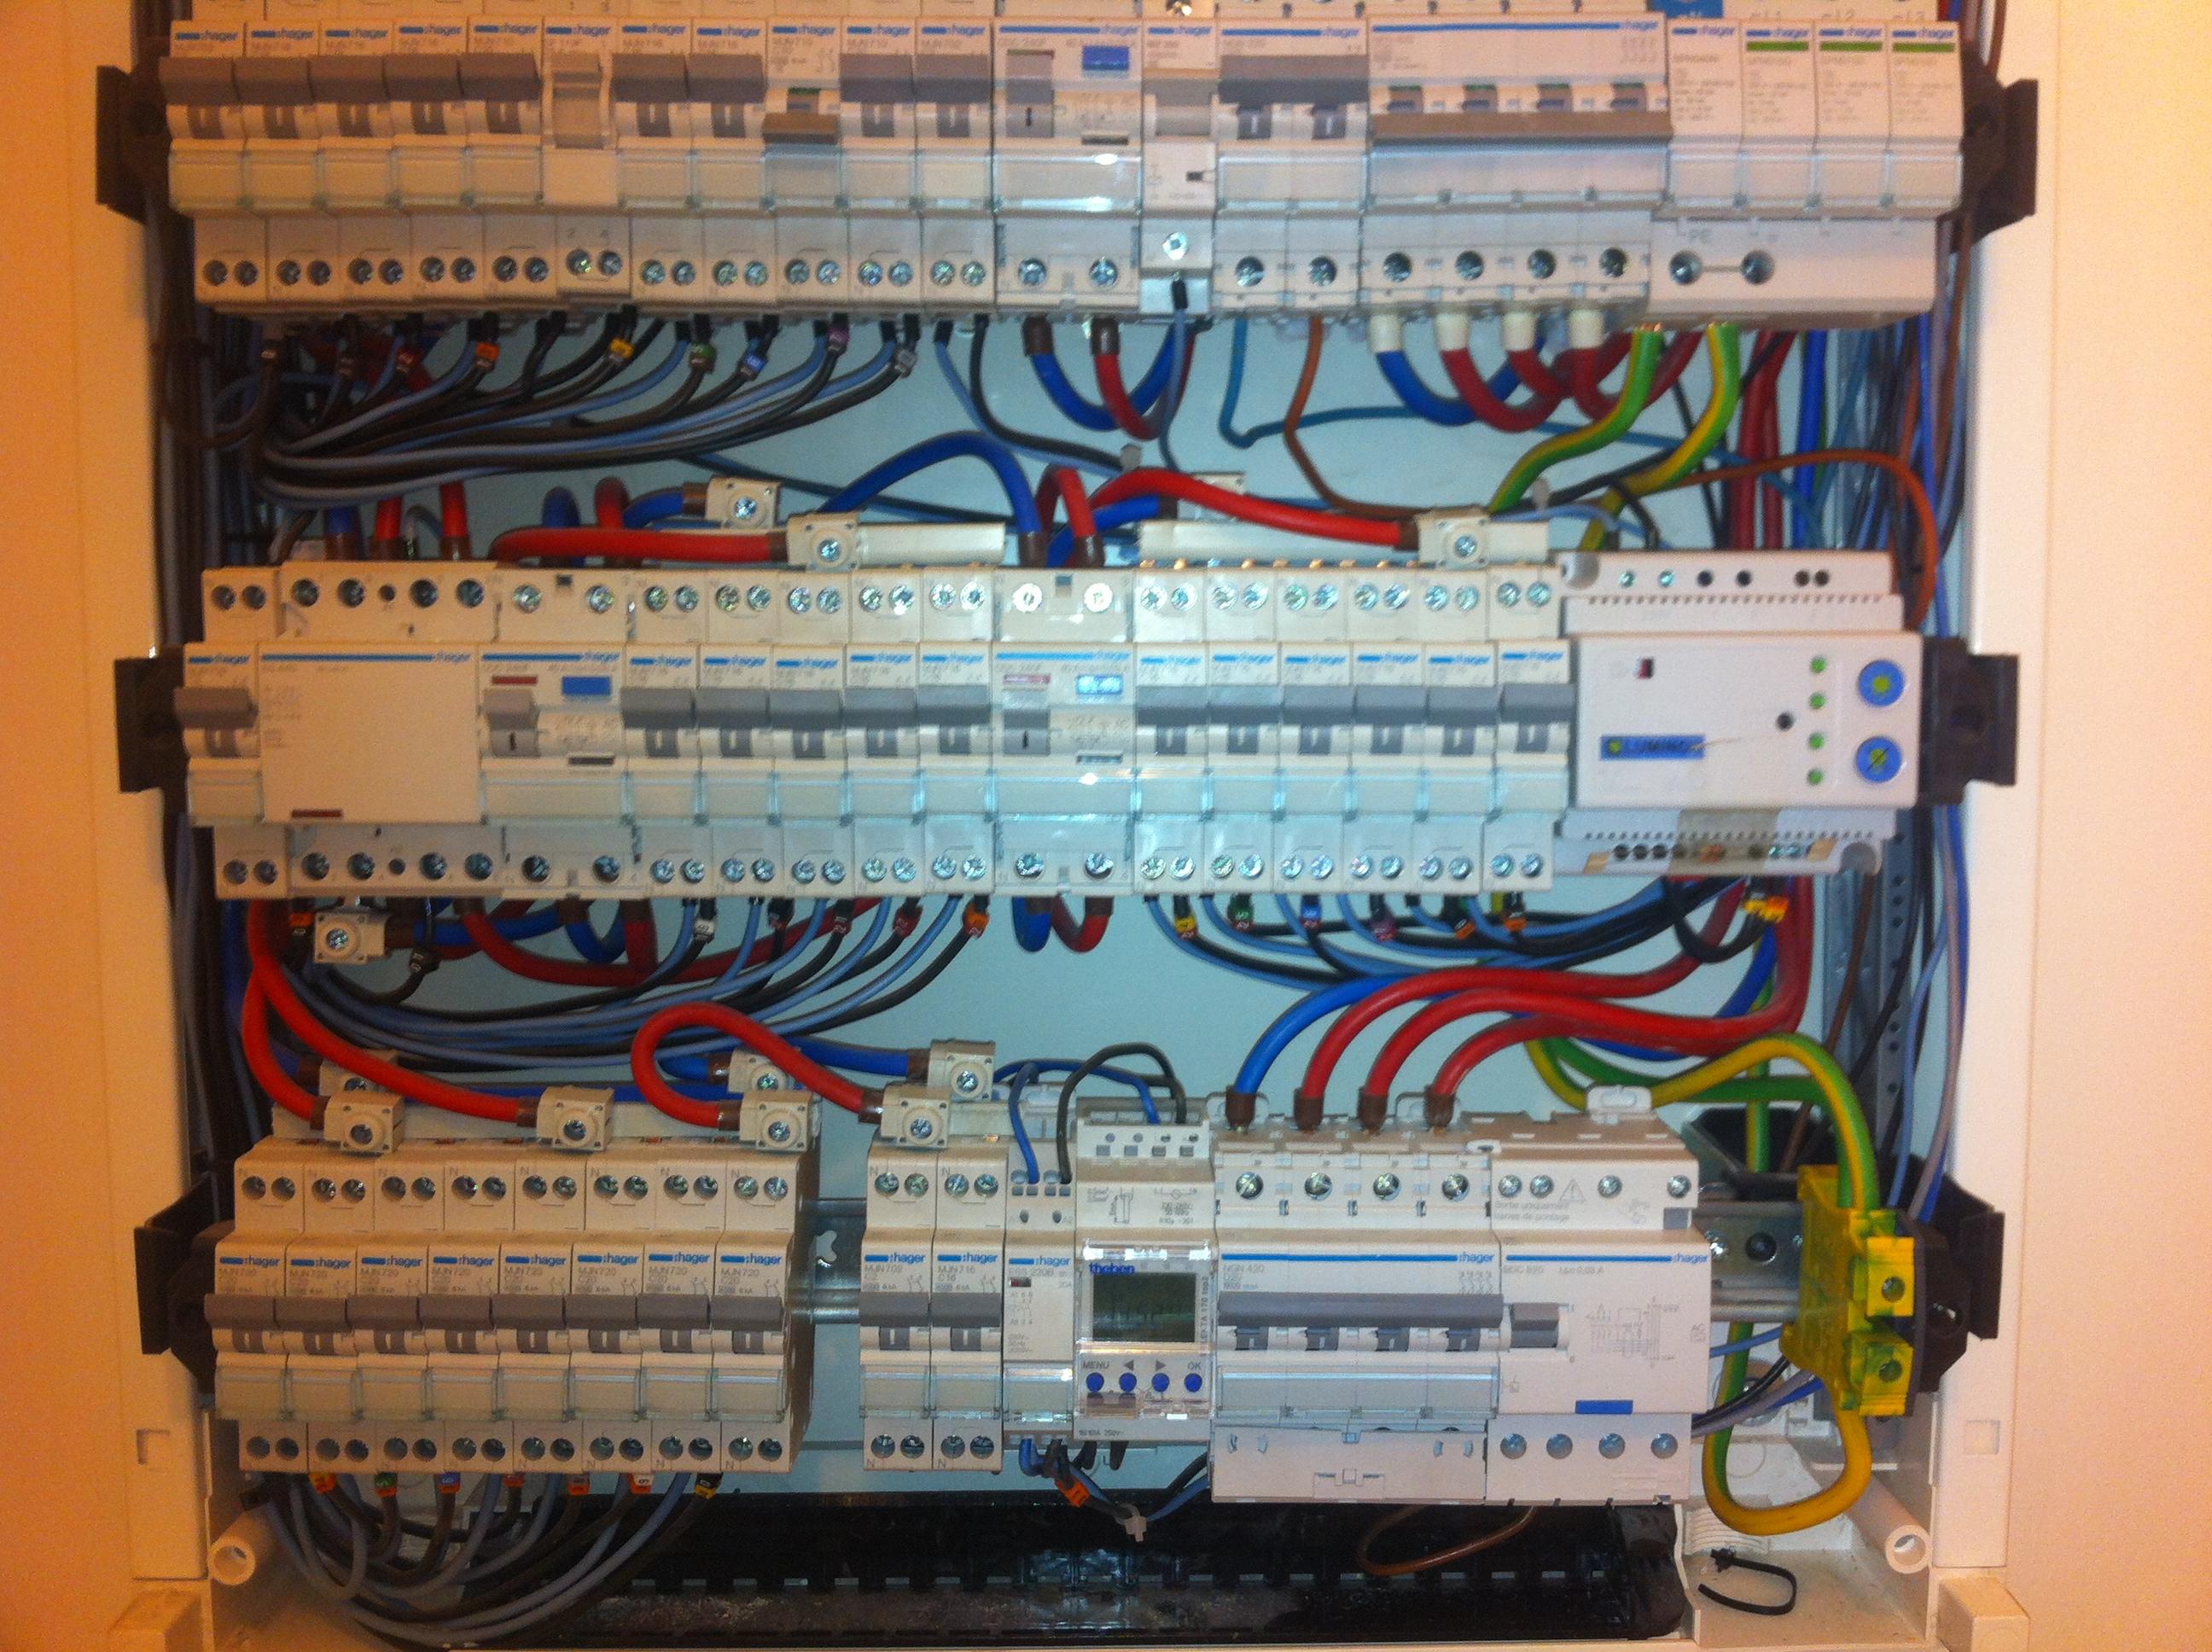 Mise aux normes boutique aid 39 elec - Mise aux normes tableau electrique ...